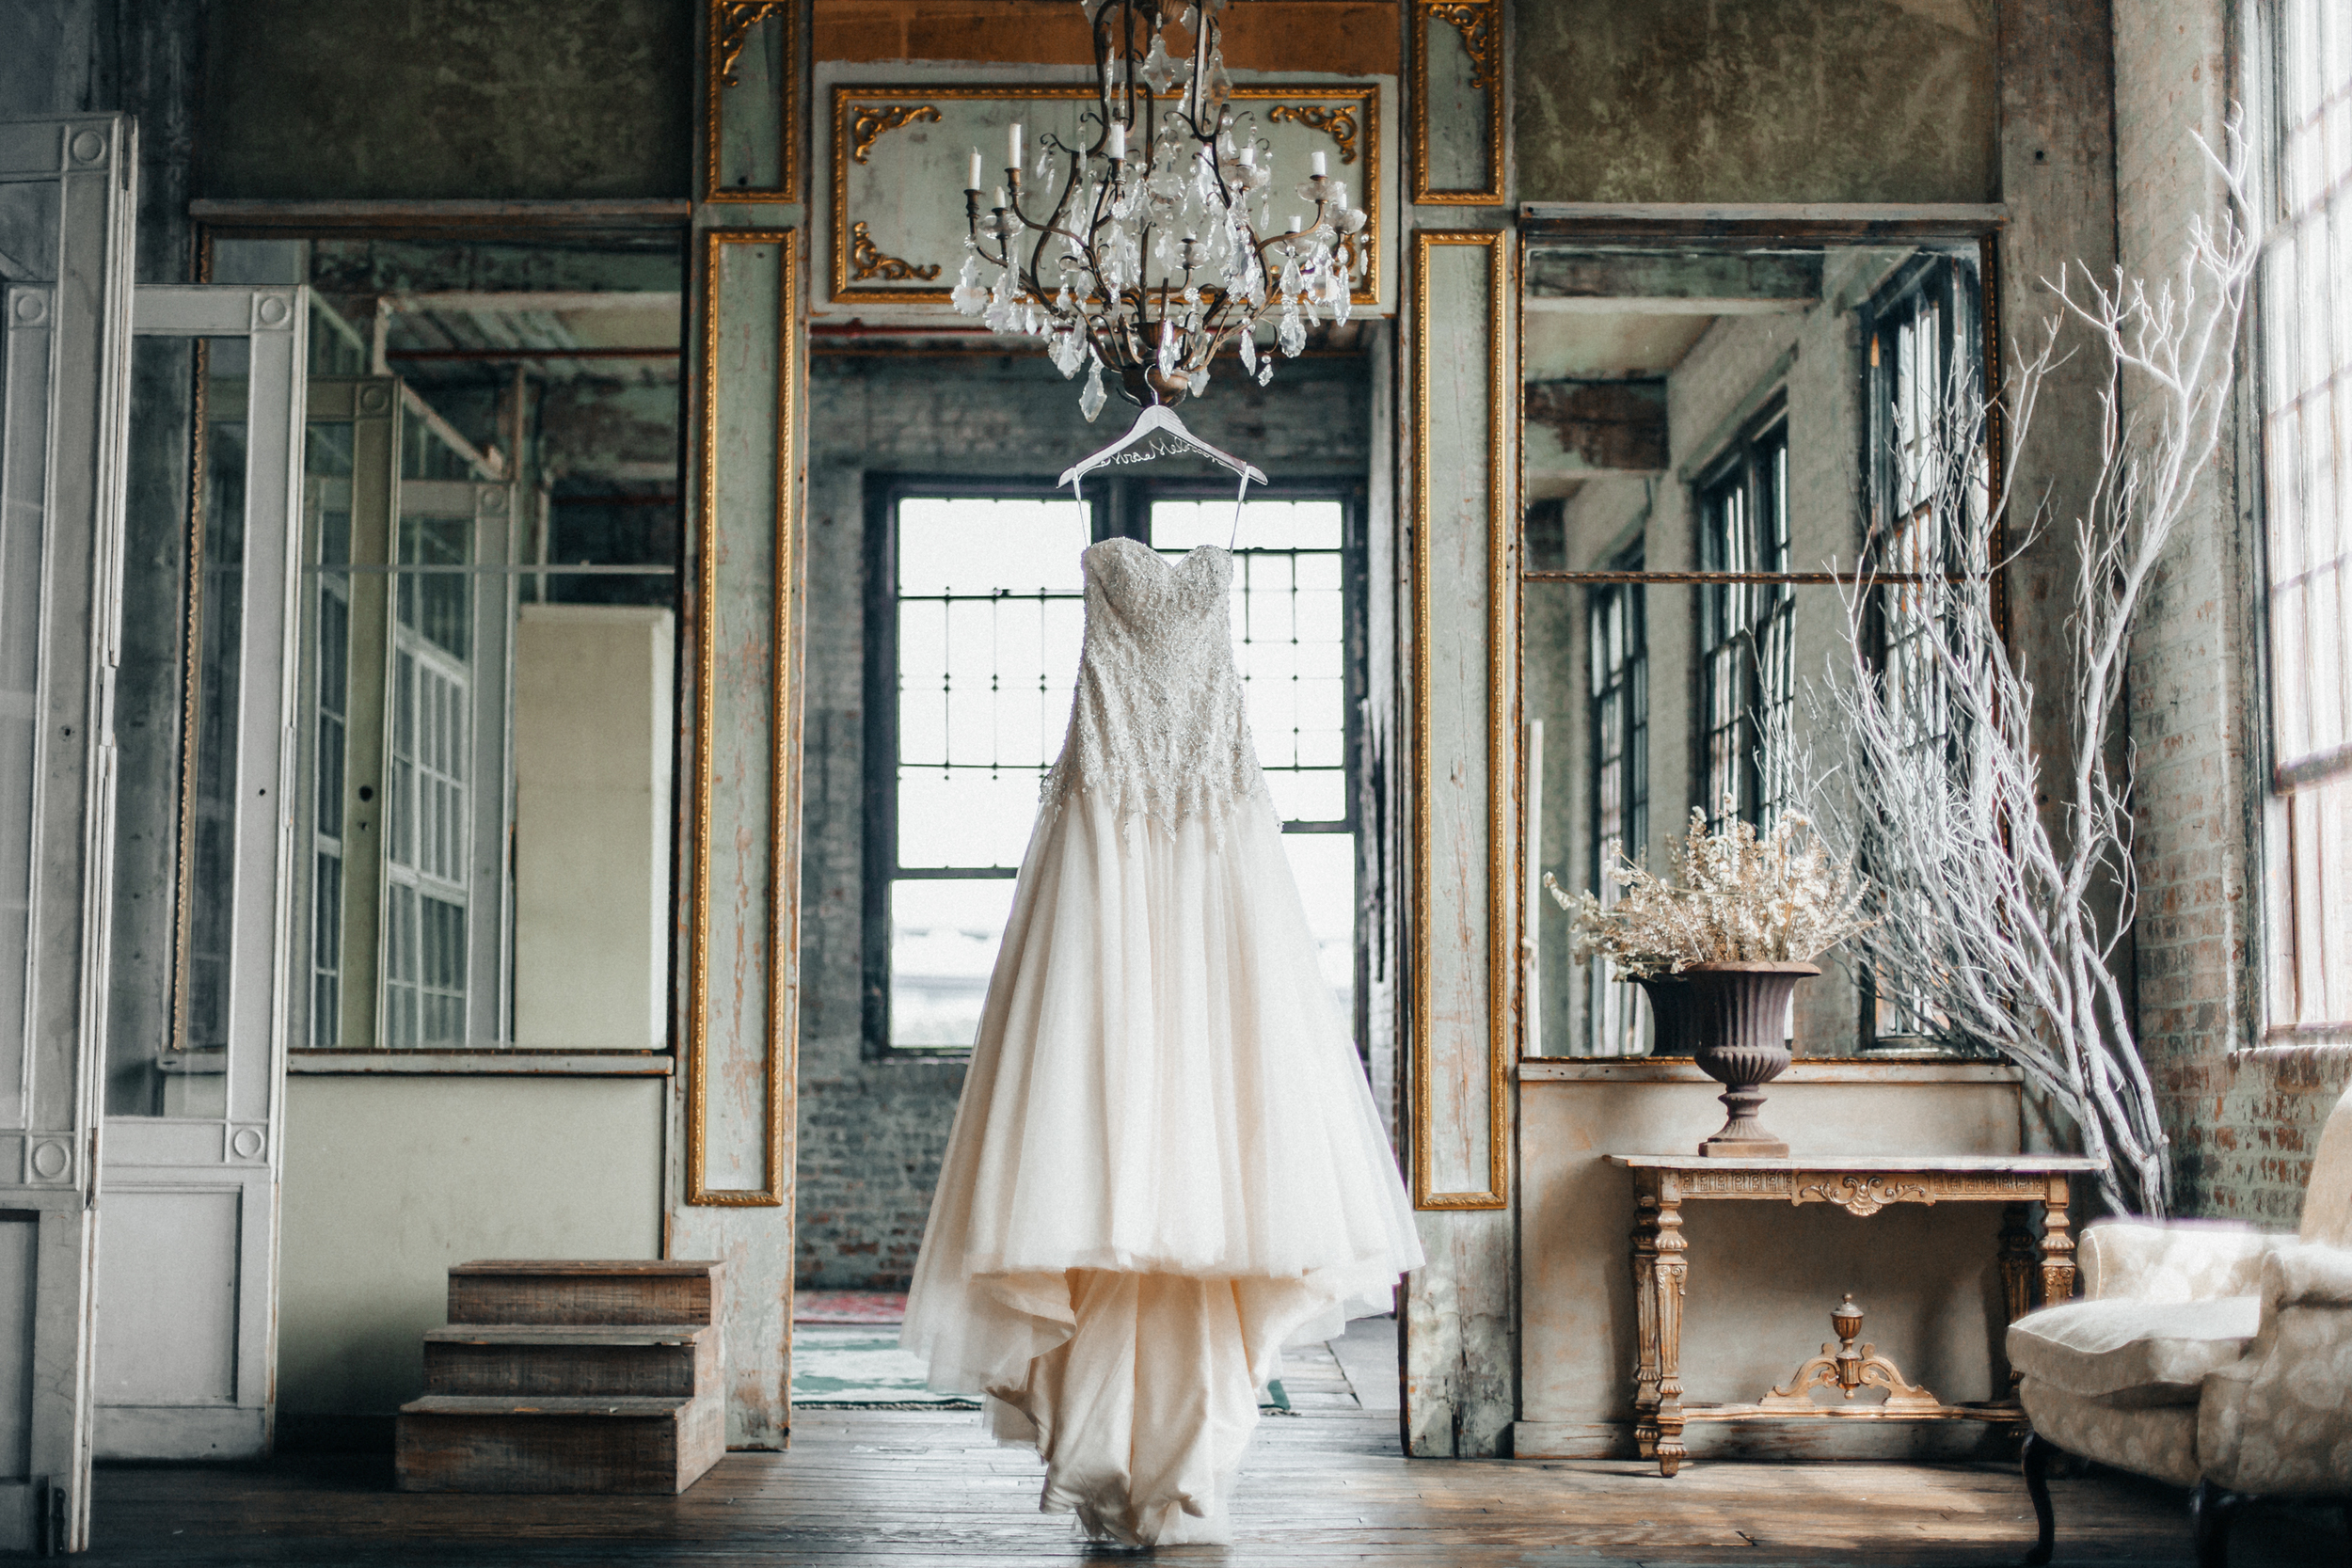 New York Wedding Photographer Boris Zaretsky Boris_Zaretsky_Photography_1N3A9960 copy.jpg